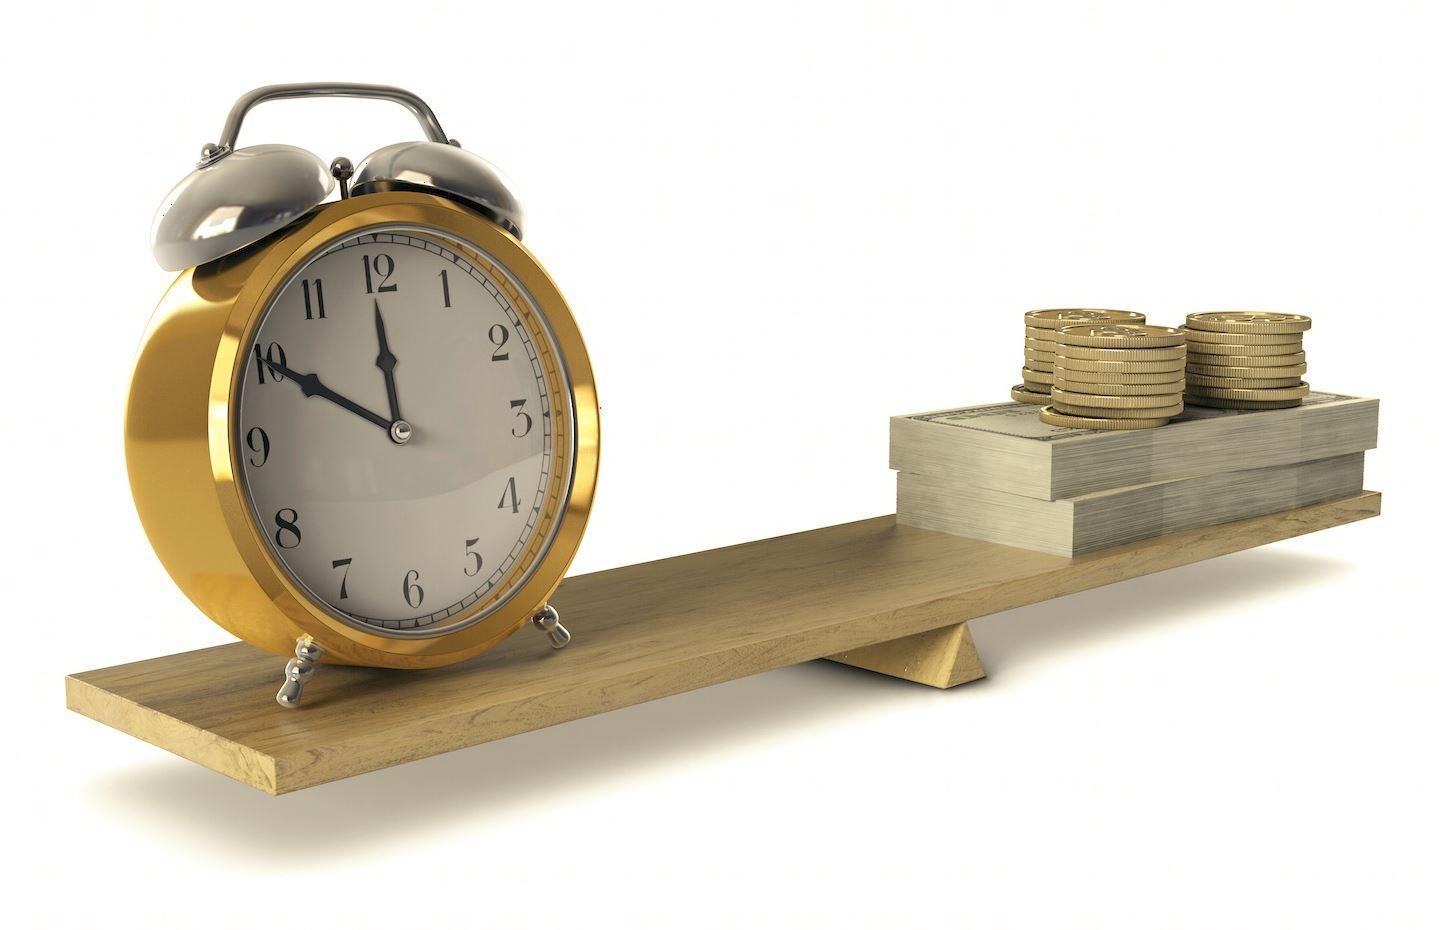 эвенкийских картинки на тему время-деньги зависит толщины